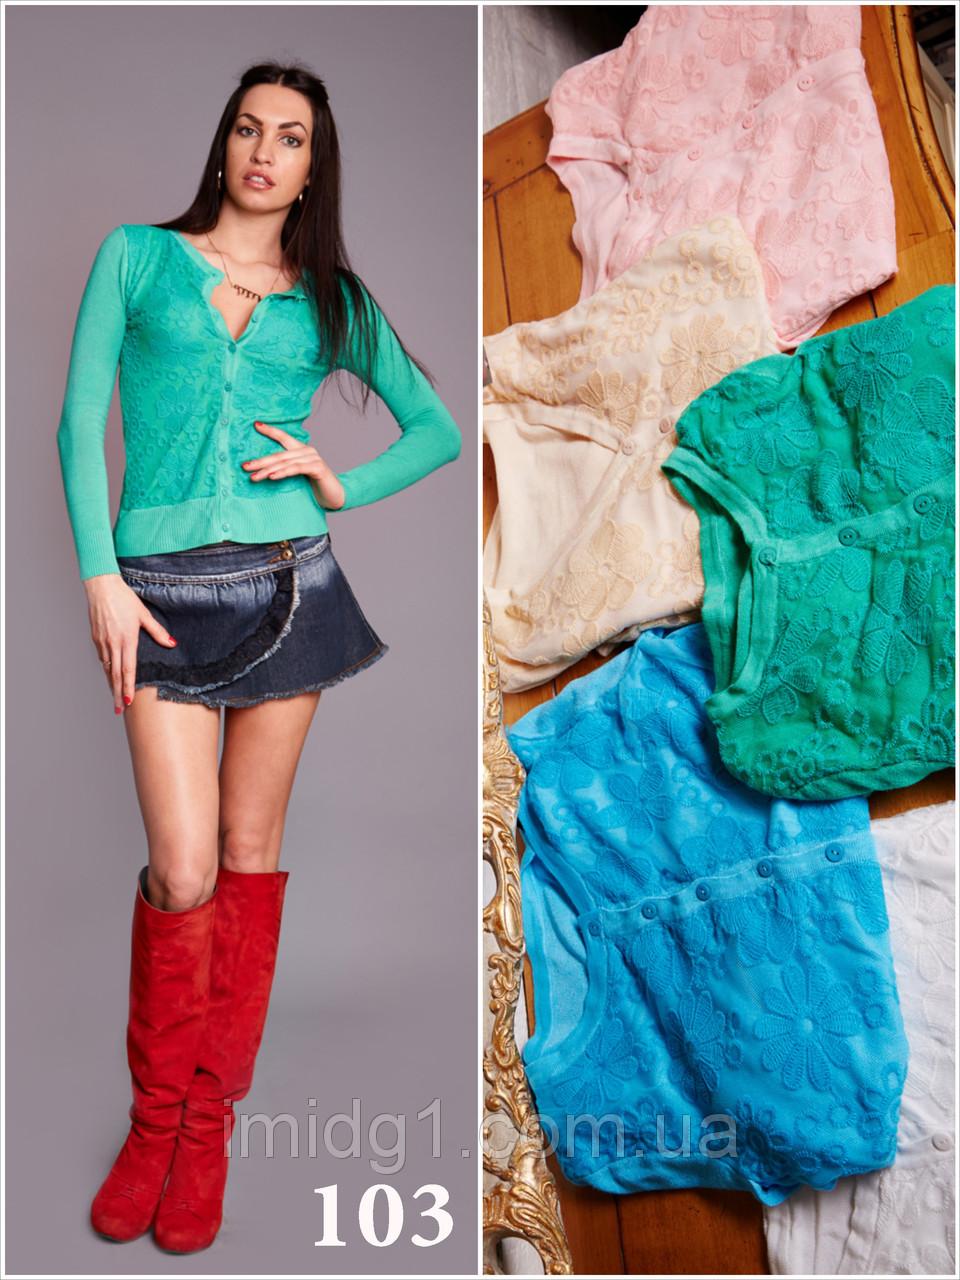 0eaa053fa2f Красивые летние кофты 2014 - Фотогалерея стильной одежды - Купити ...